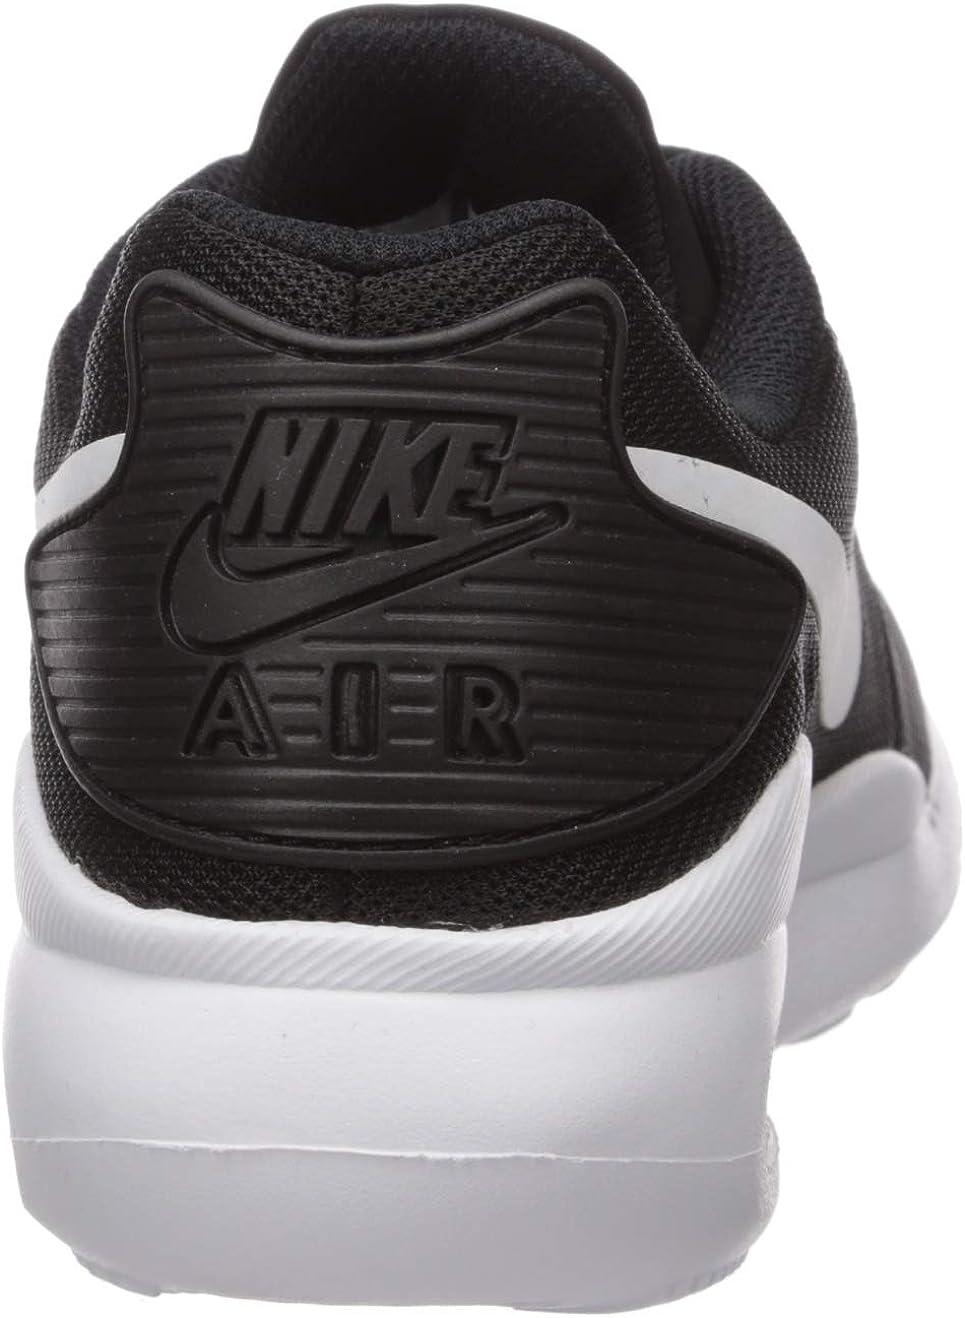 Nike WMNS Delfine, Chaussures d'Athlétisme Femme Noir 002